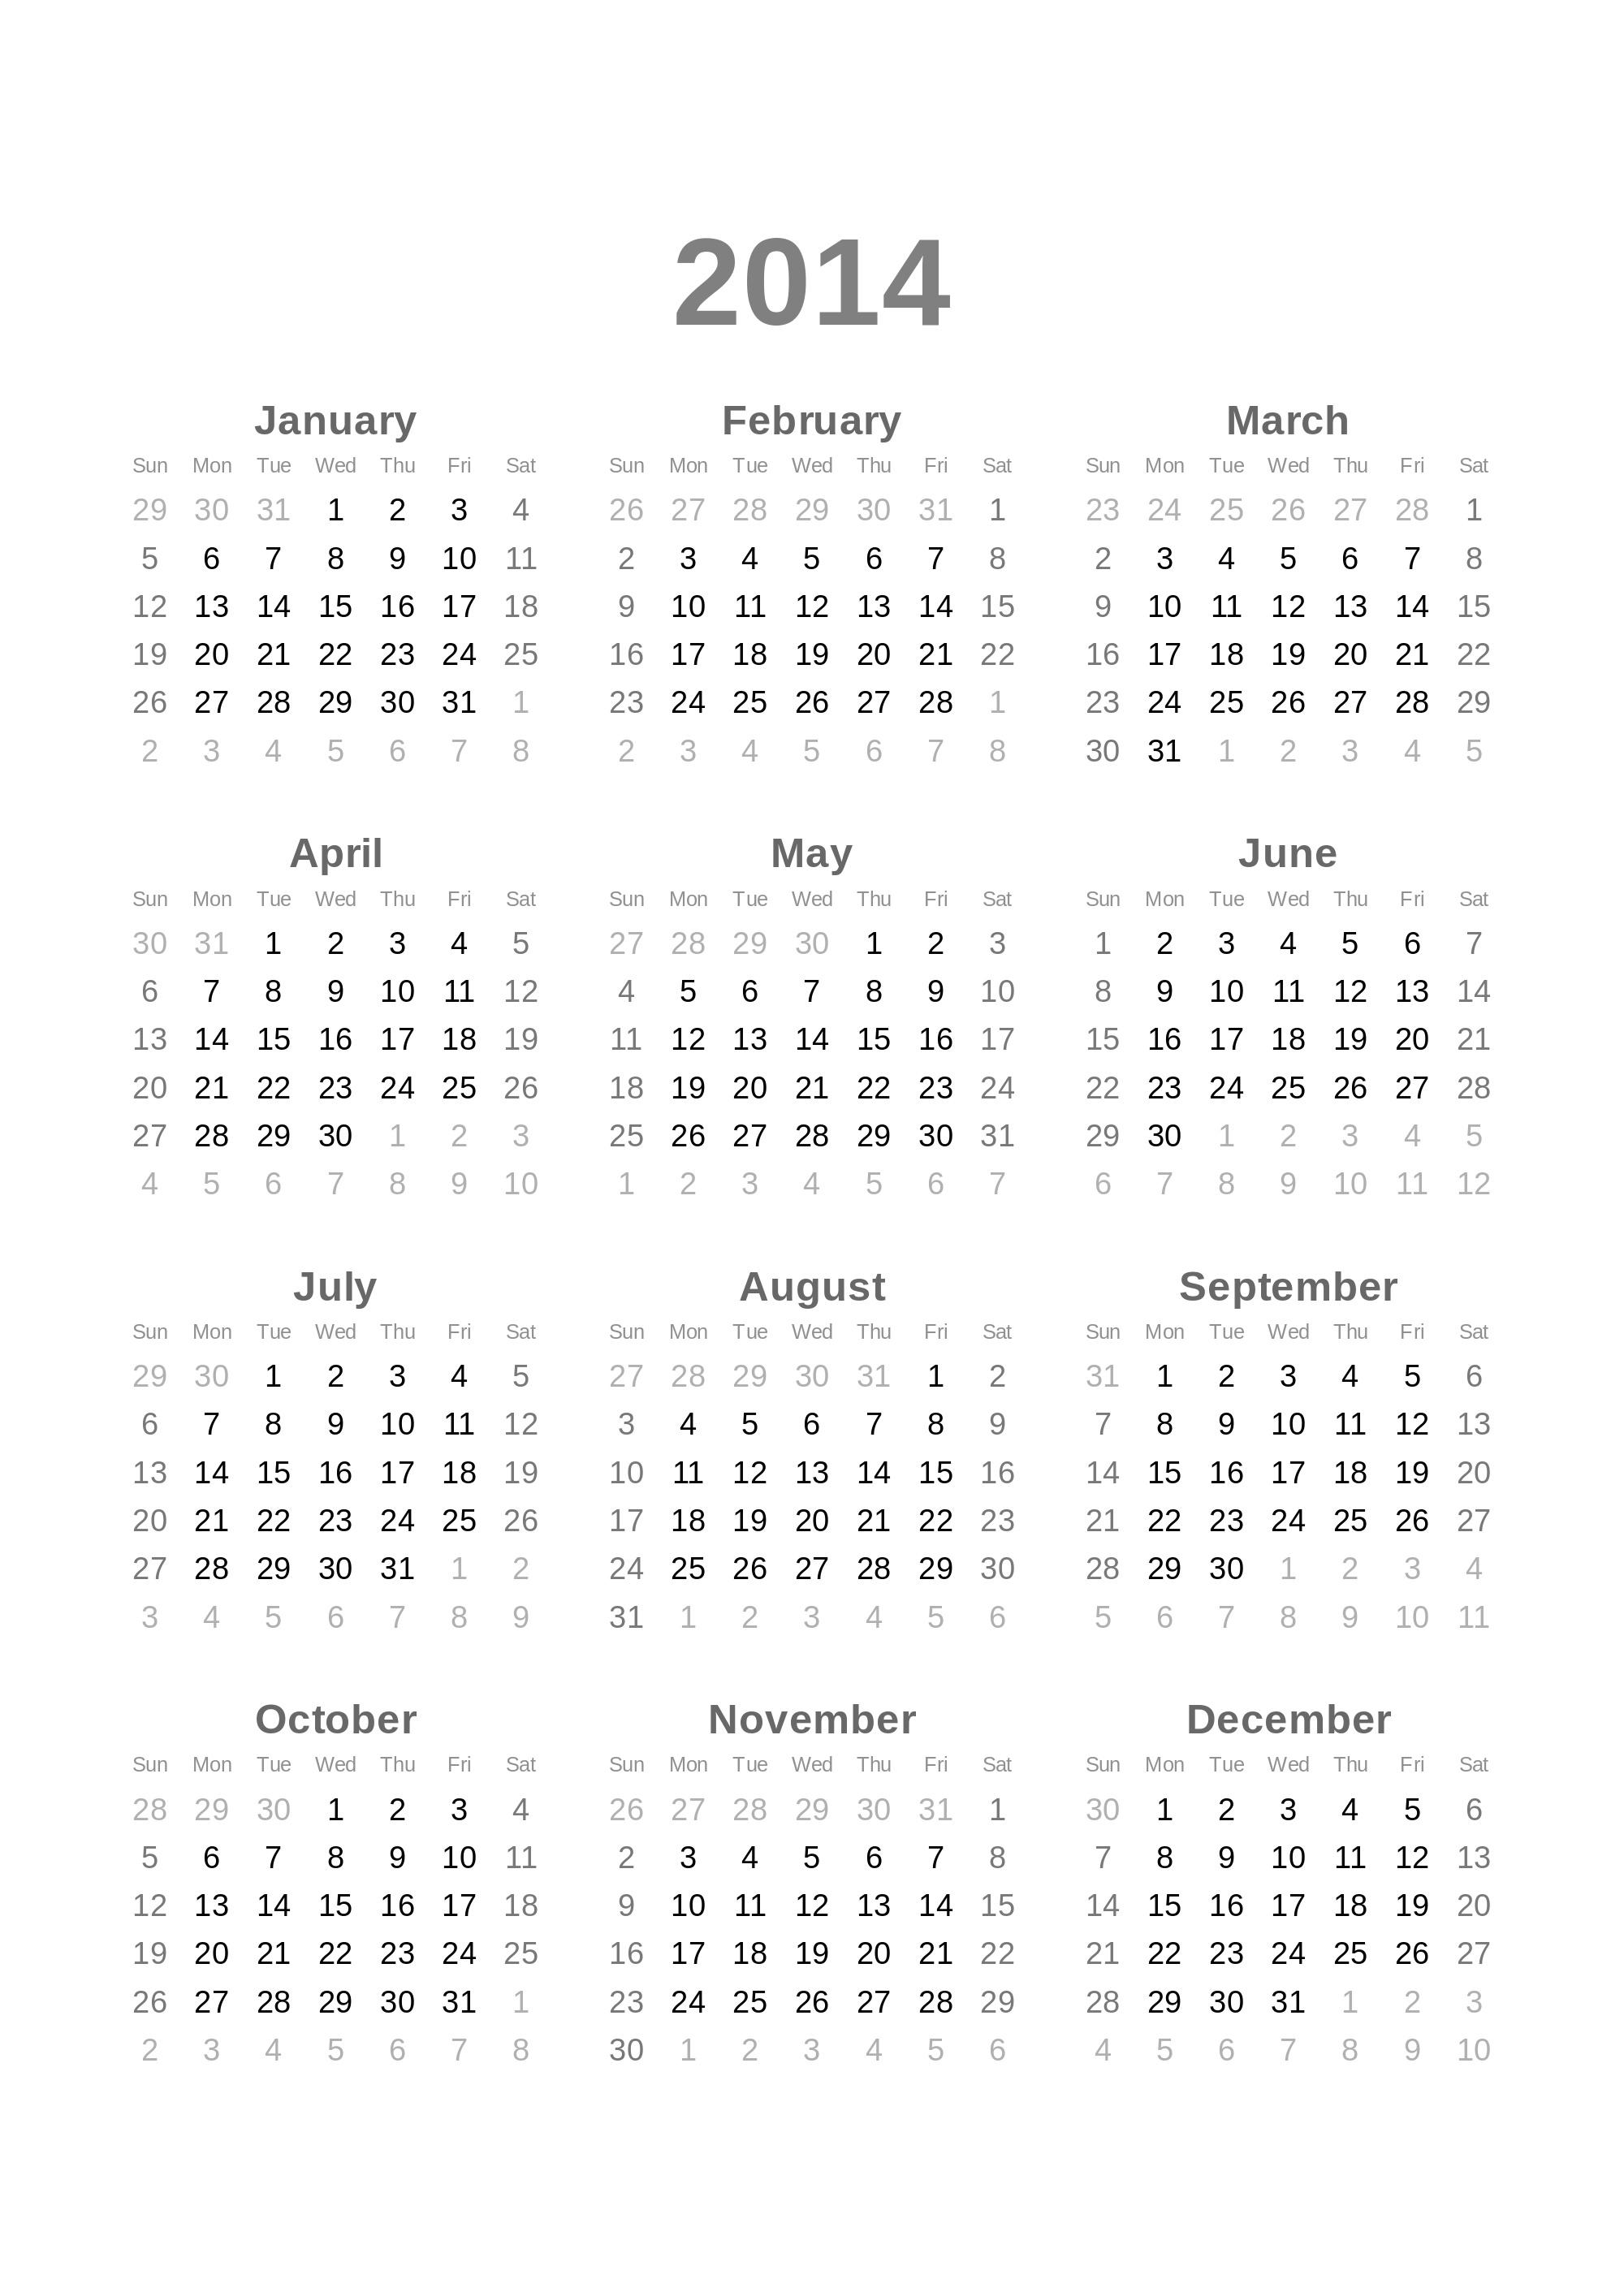 ein kalender f r 2014 bzw 2013 zum selbst ausdrucken oder ein hochwertiger kalender als tolles. Black Bedroom Furniture Sets. Home Design Ideas